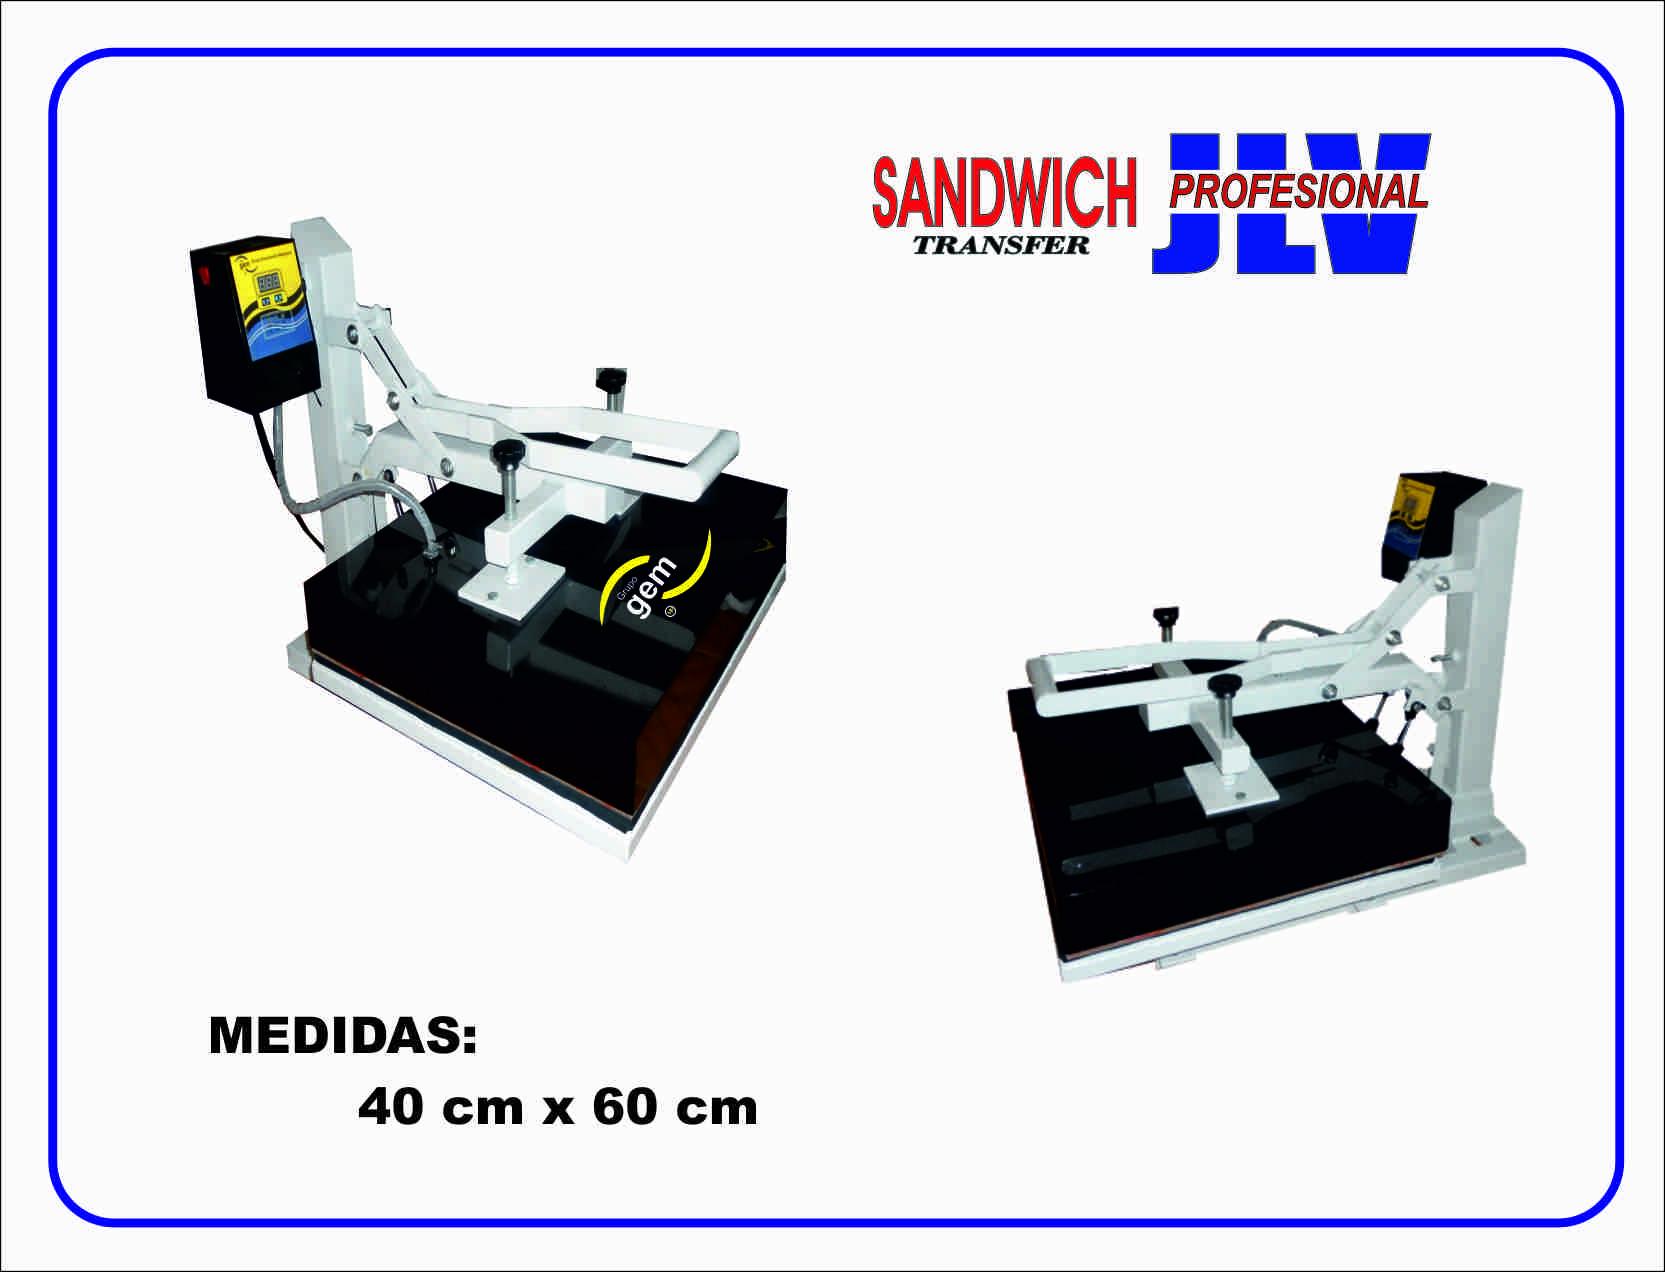 SUBLIMADORA JLV 40 CM X 60 CM